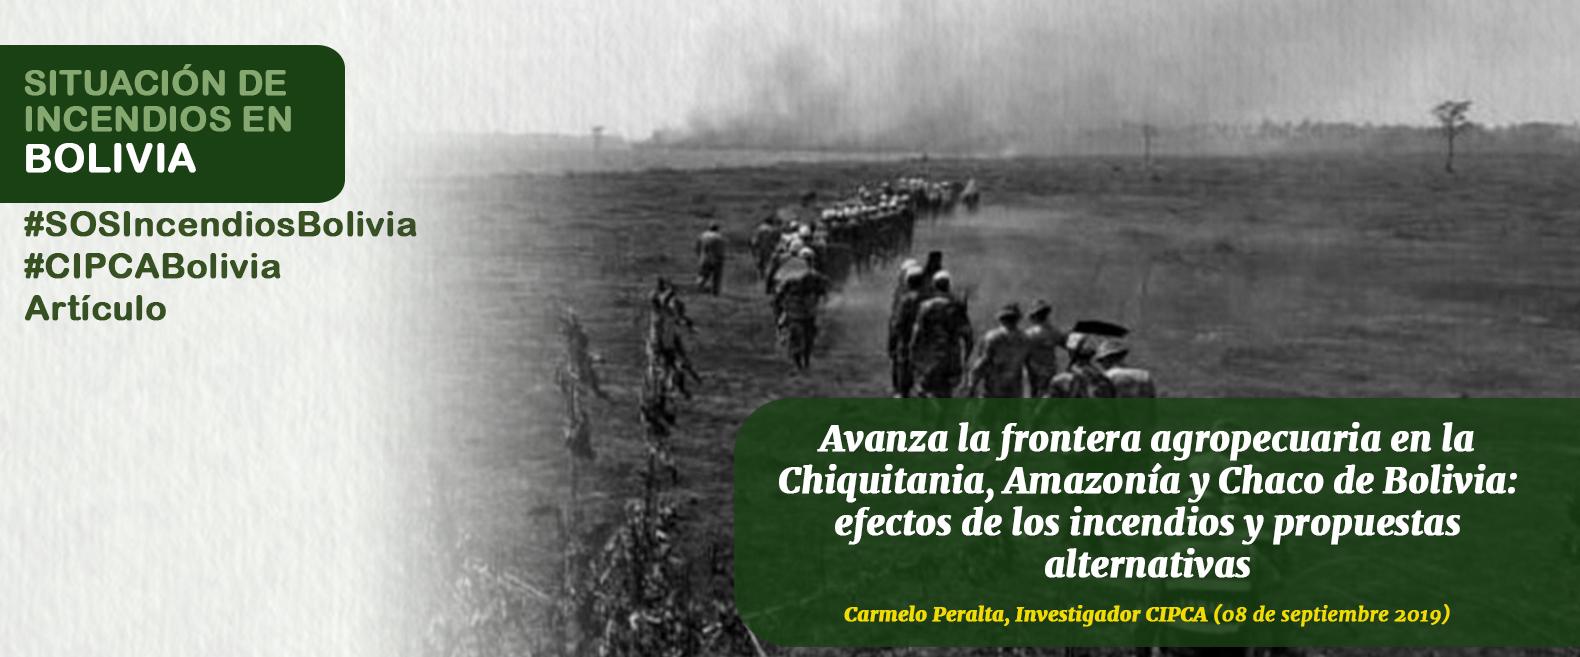 Avanza la frontera agropecuaria en la Chiquitania, Amazonía y Chaco de Bolivia: efectos de los incendios y propuestas alternativas